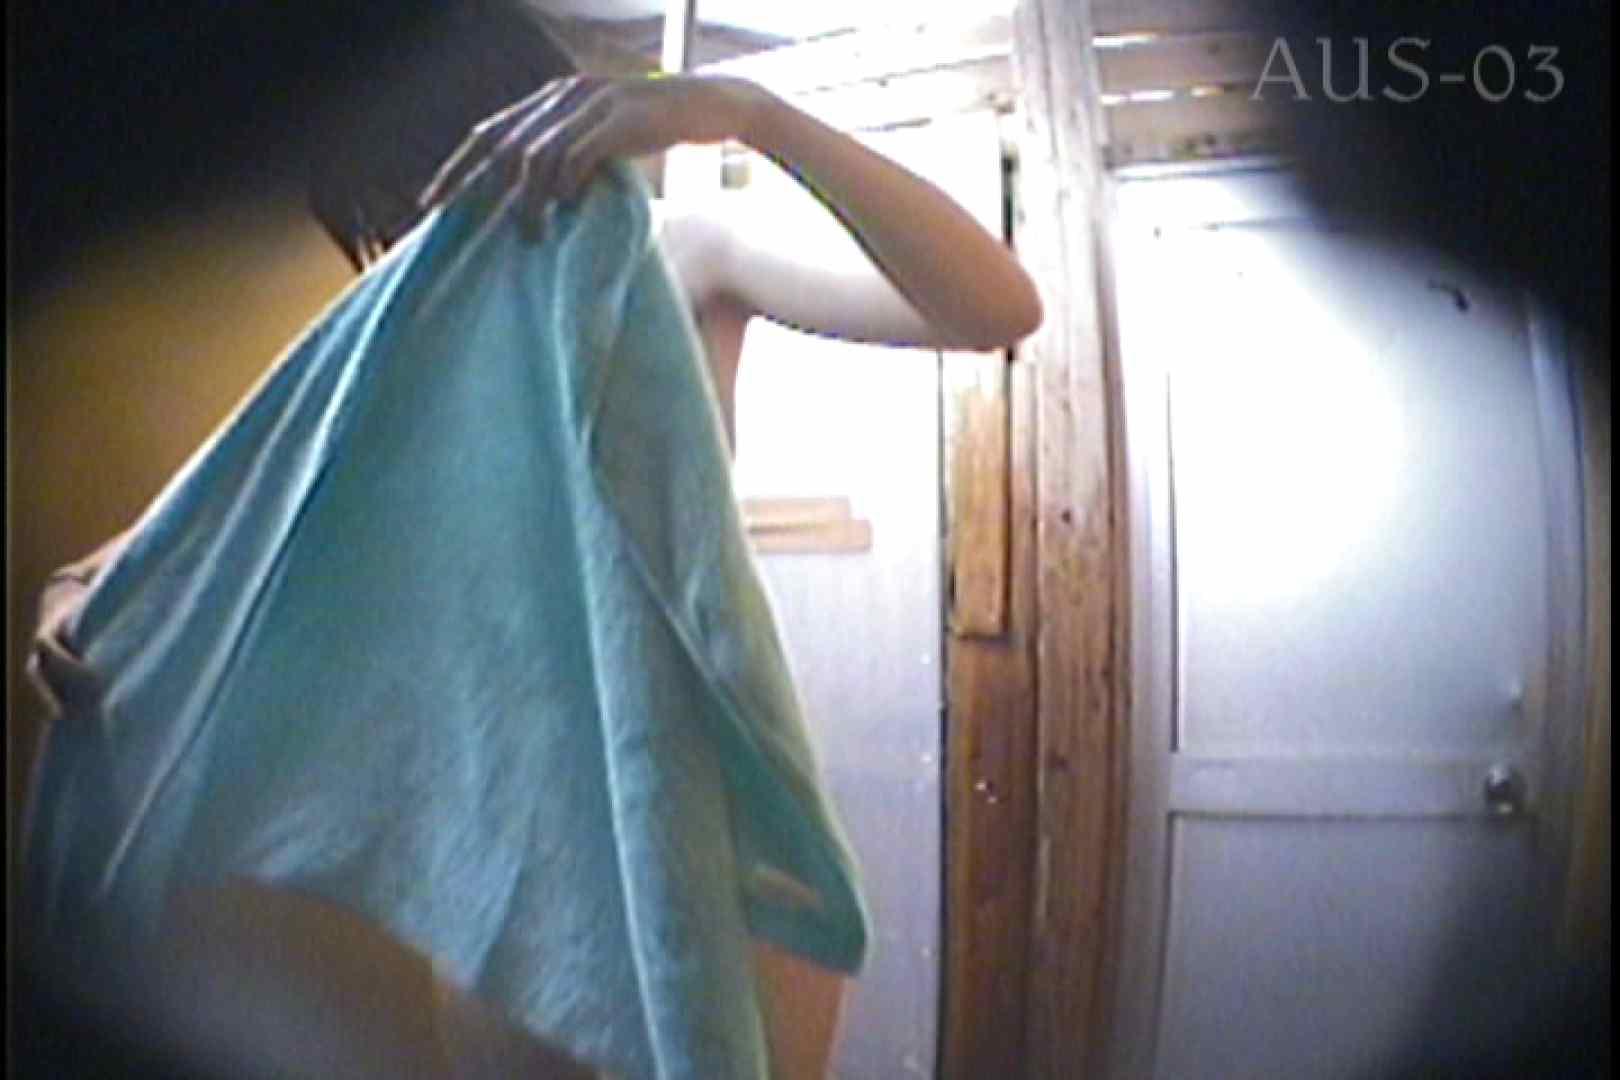 海の家の更衣室 Vol.13 美女 盗撮オメコ無修正動画無料 77pic 62